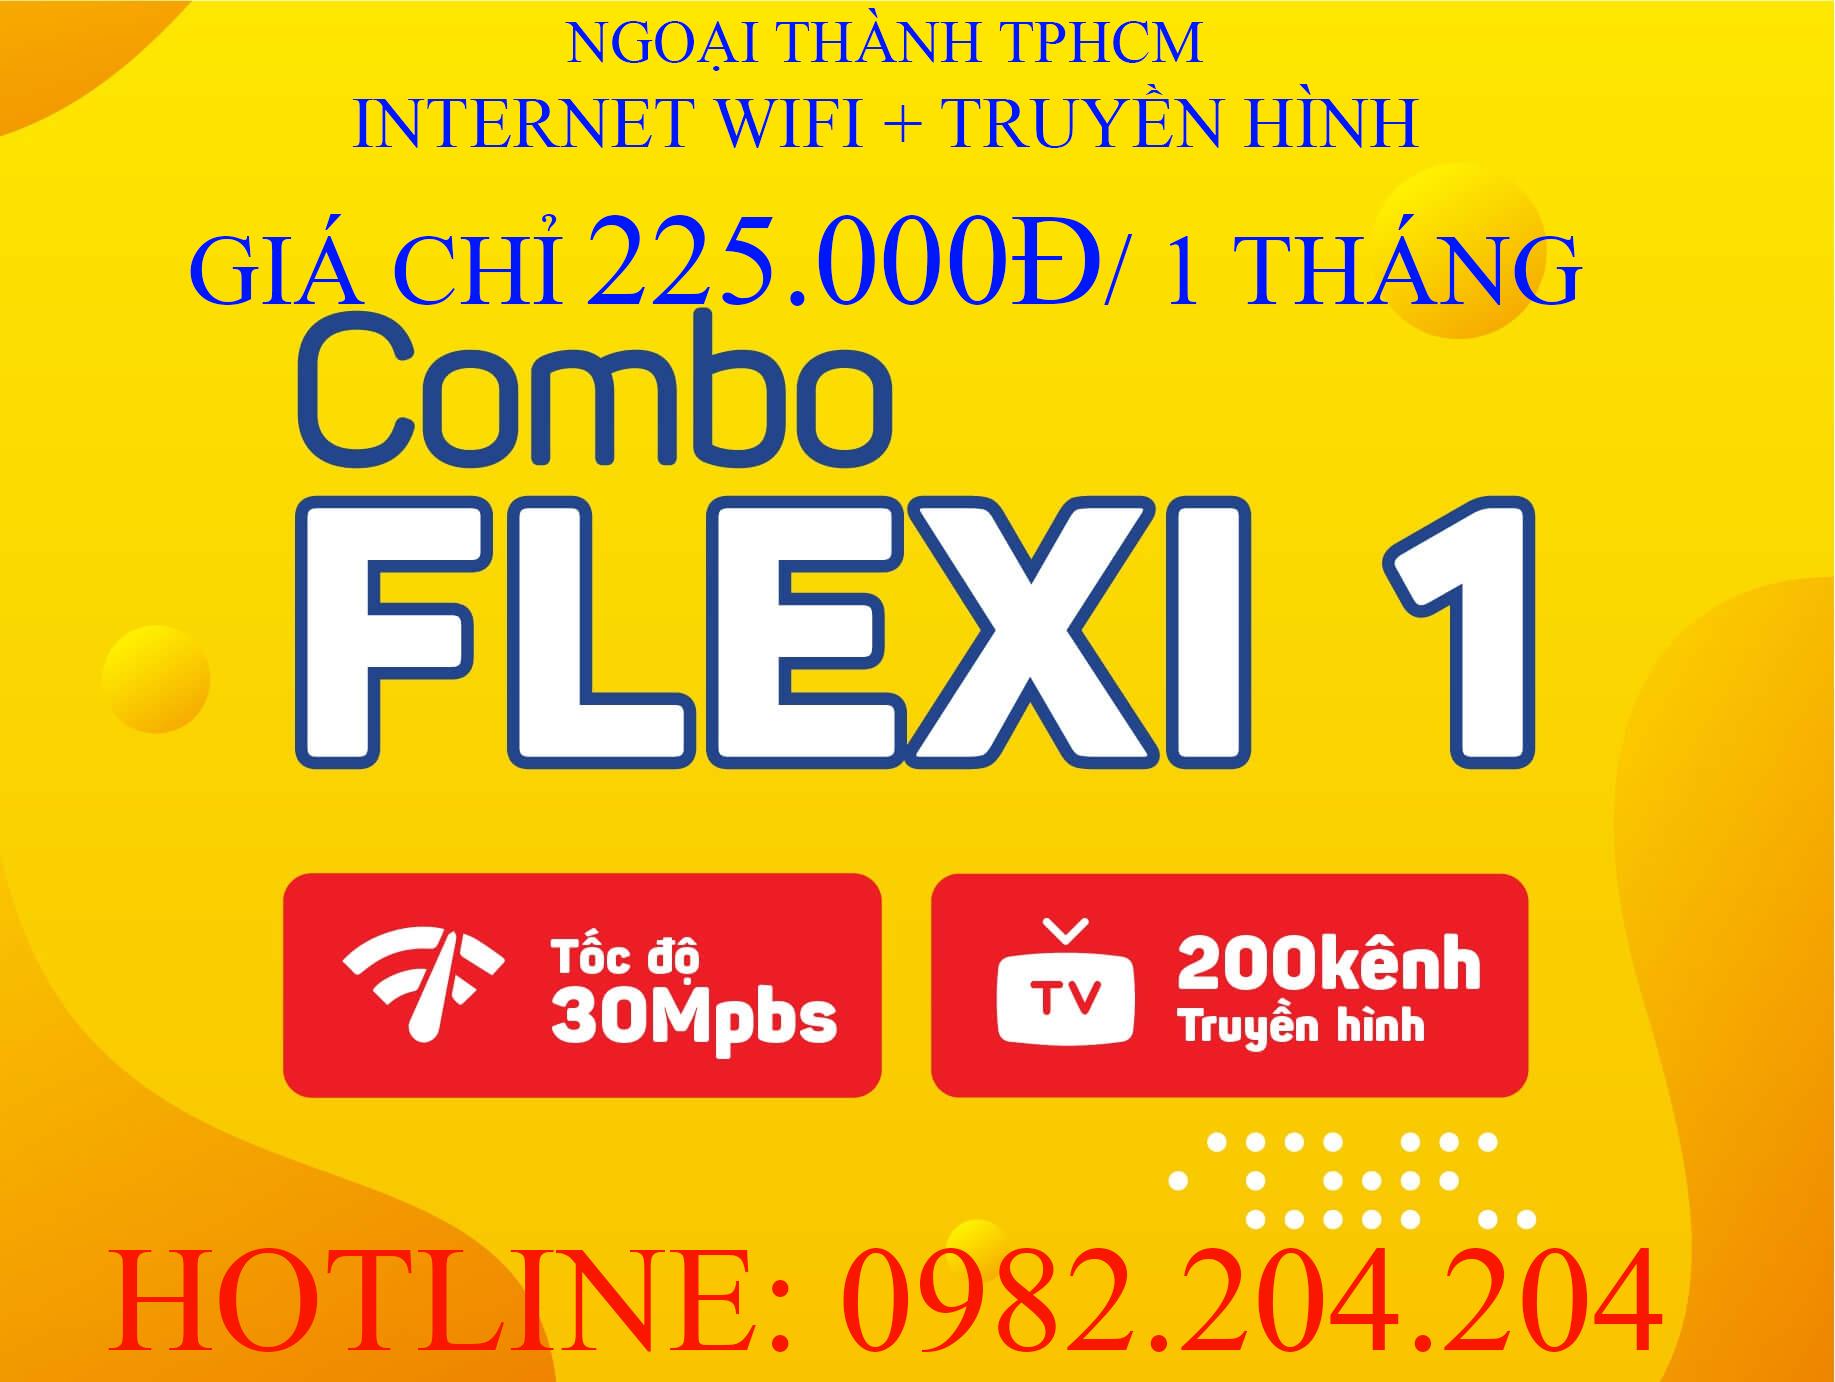 Lắp Wifi Giá Rẻ TPHCM kèm truyền hình Gói combo flexi 1